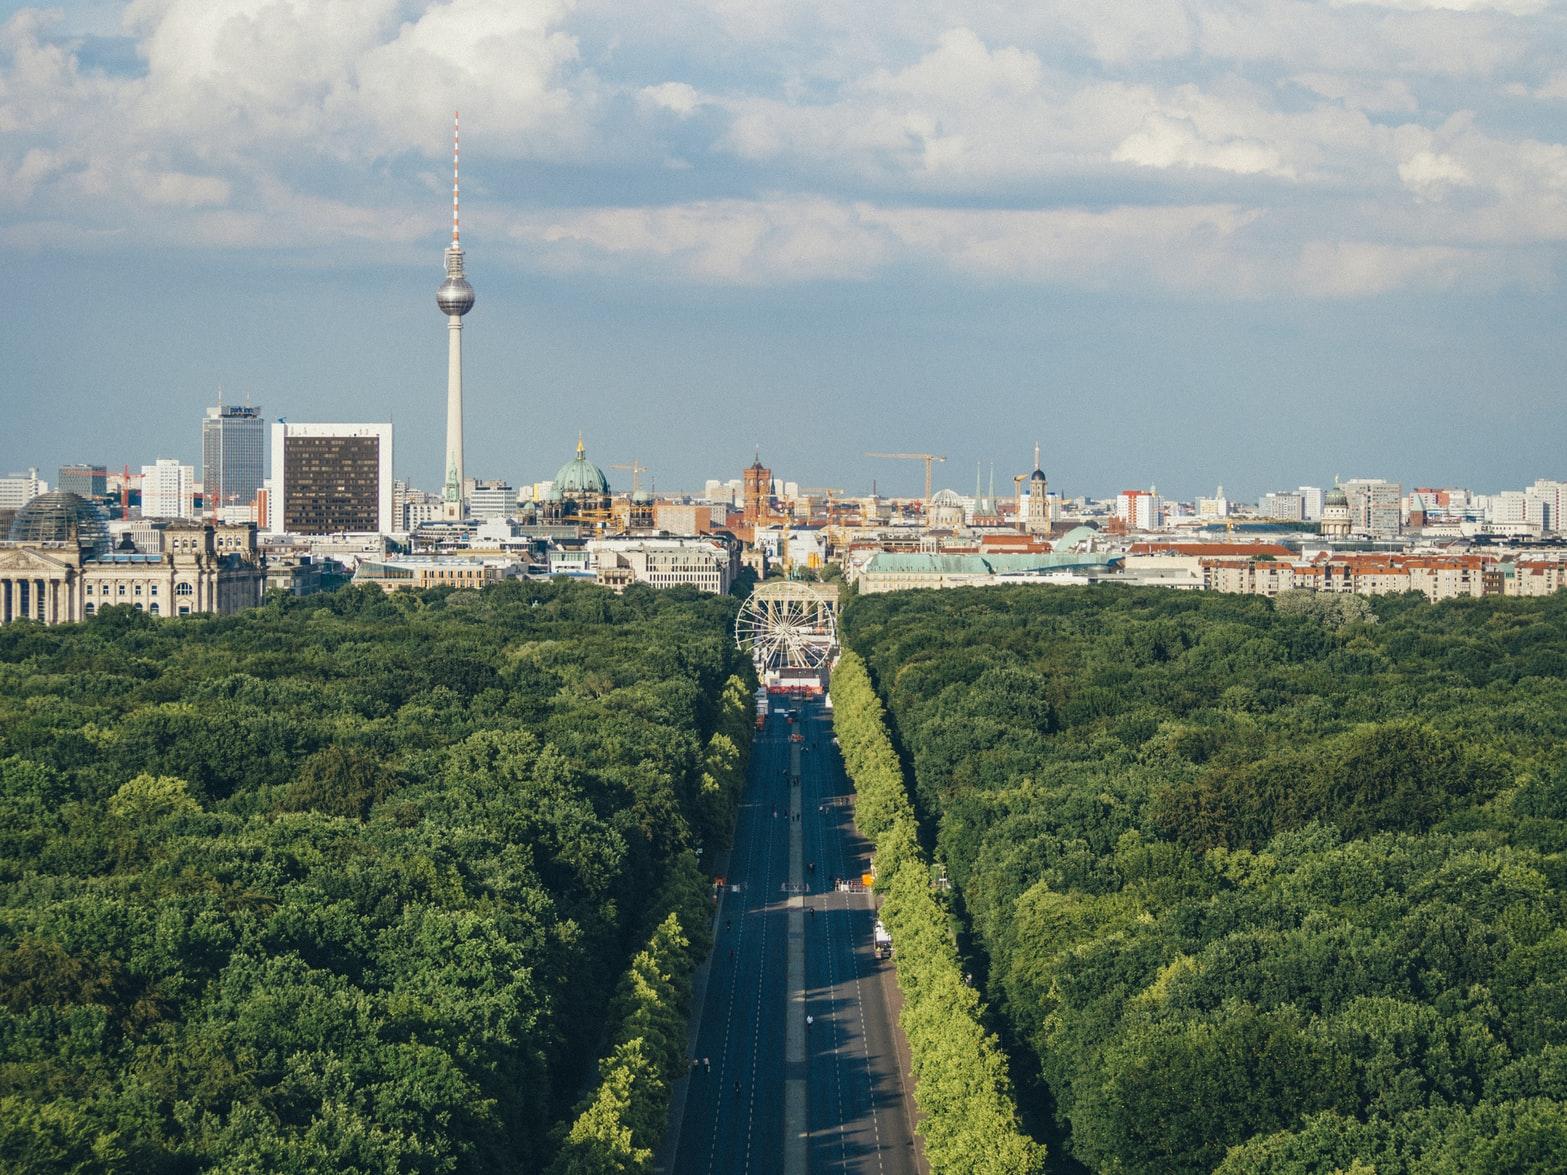 柏林鸟瞰,图片来源:Unsplash